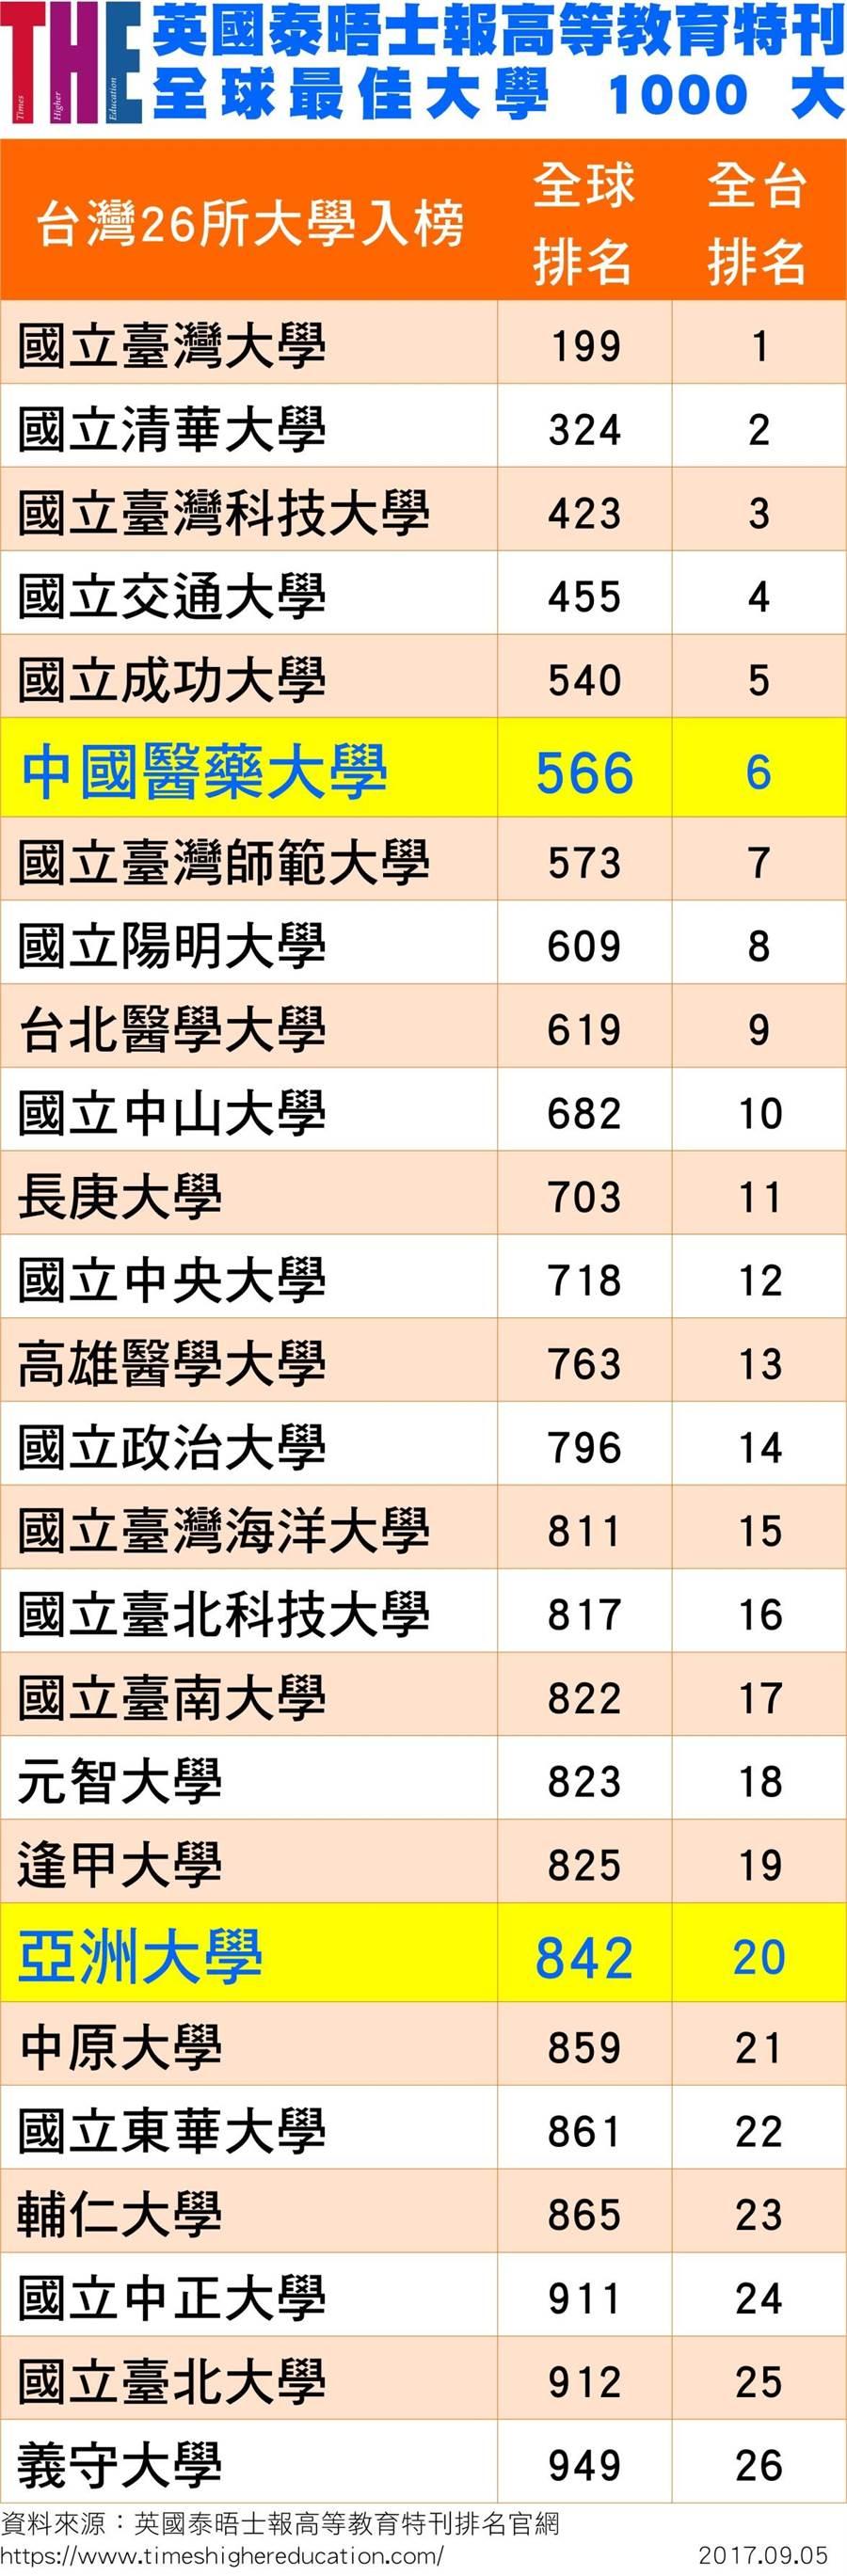 英國泰晤士報高教特刊世界大學排名表。(亞大提供)